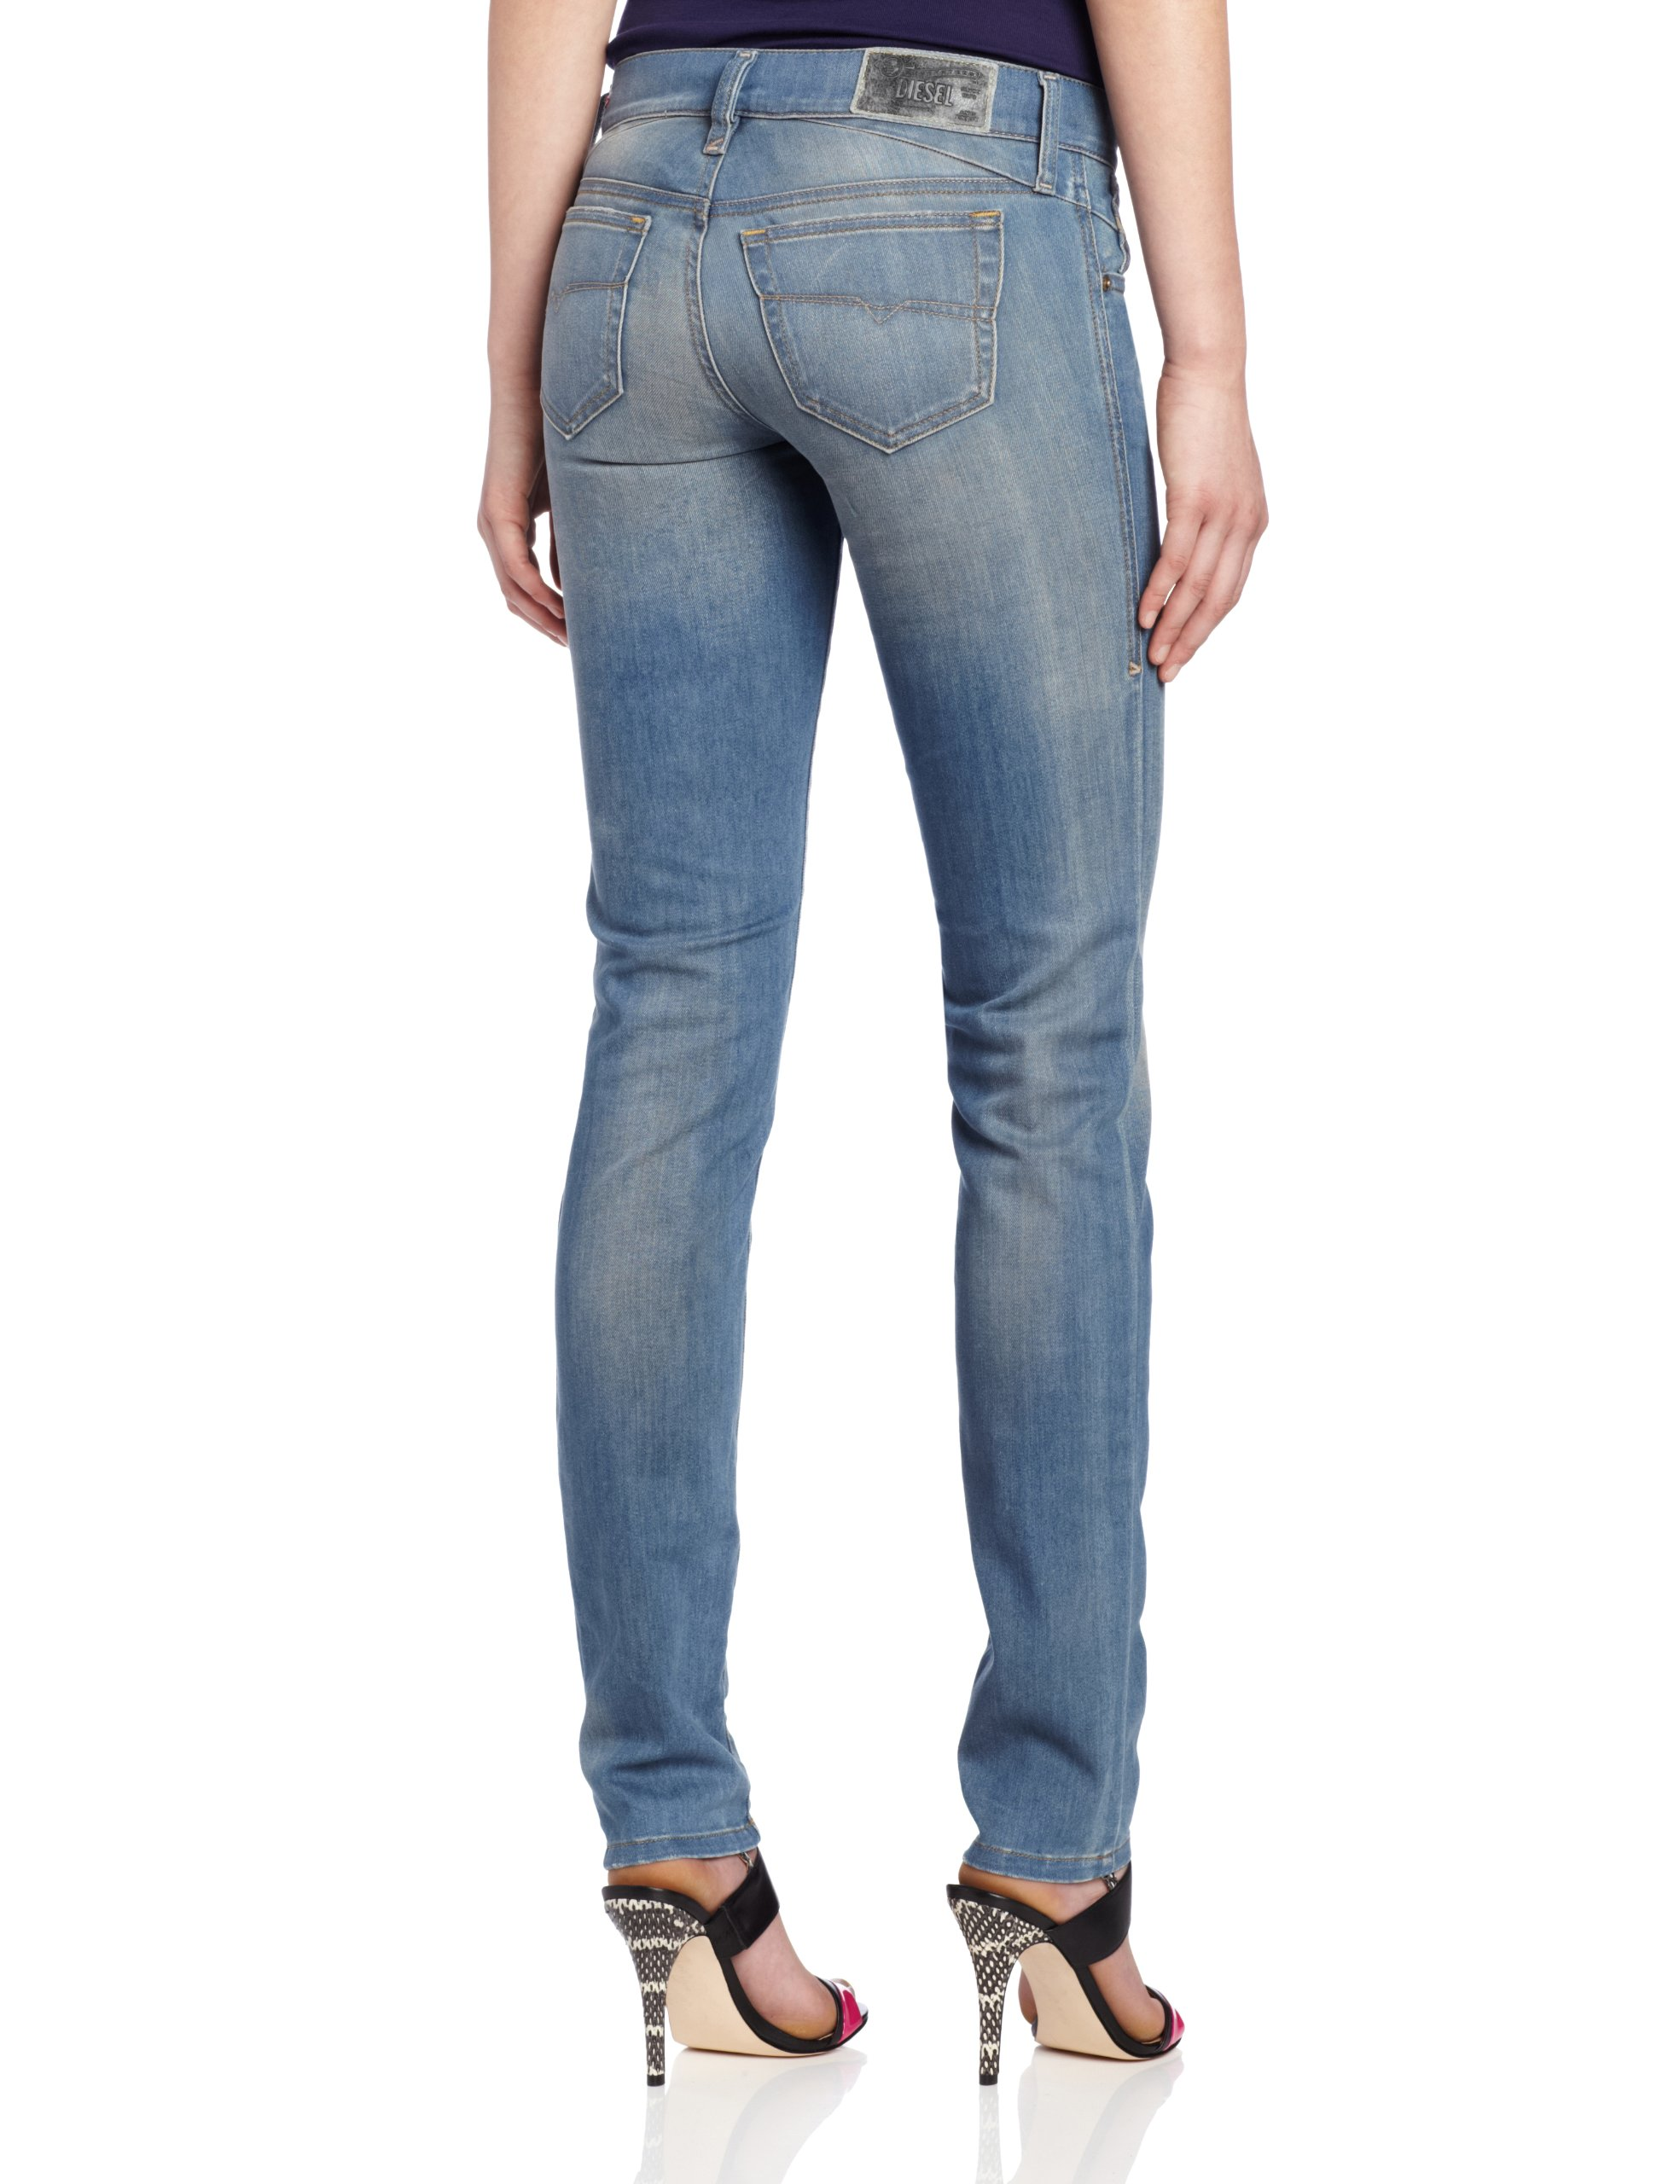 Diesel Women's Getlegg Slim Skinny Leg Jean 0821E, Denim, 29x32 by Diesel (Image #2)